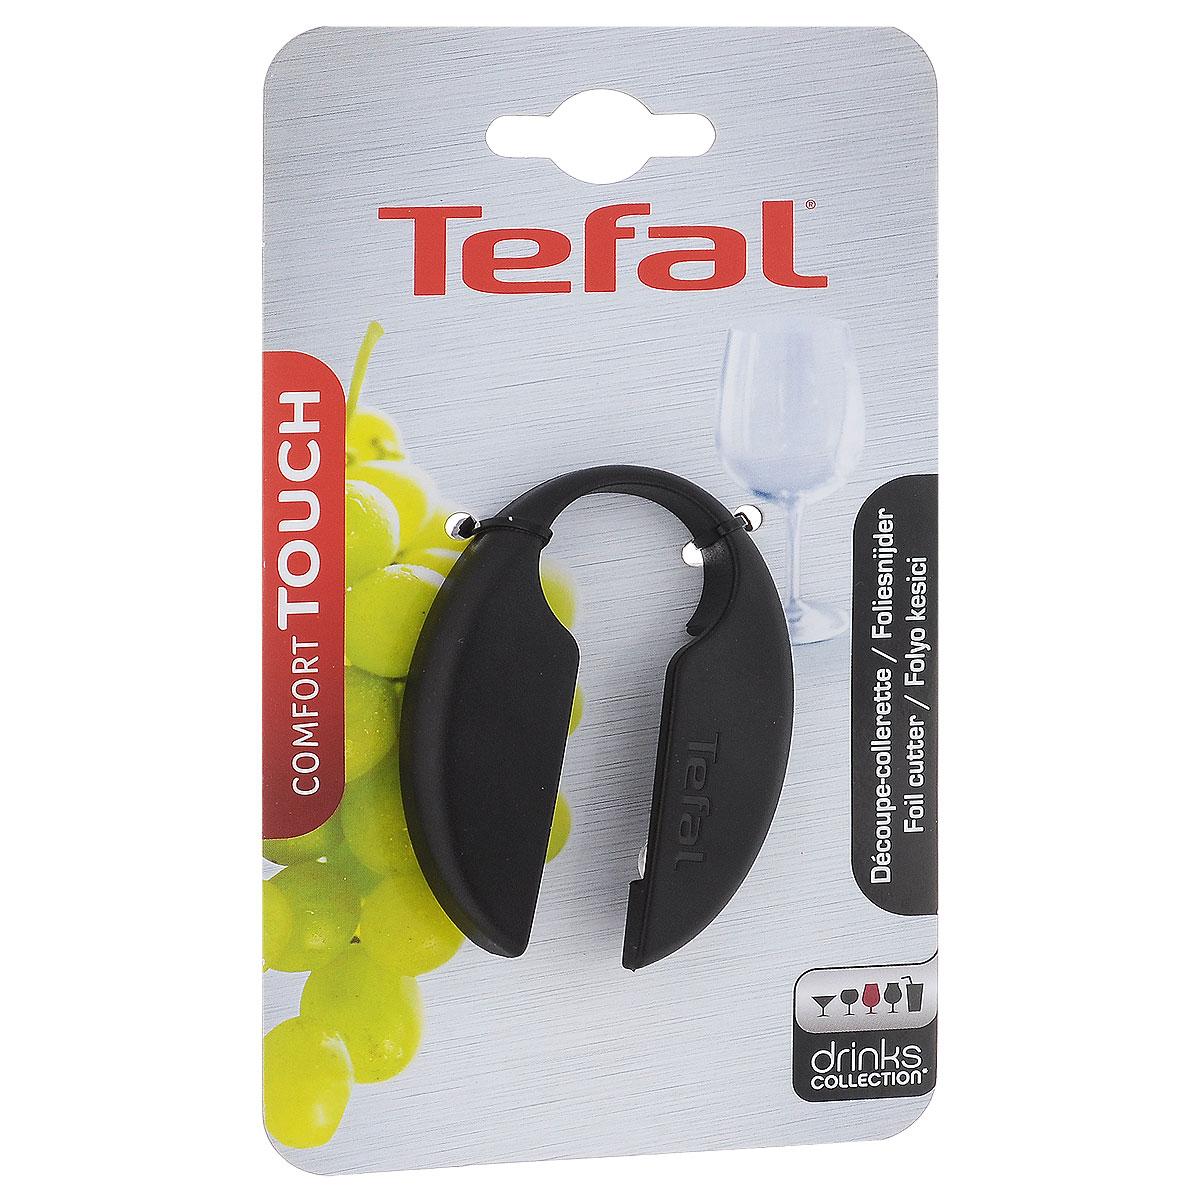 Прибор для снятия фольги Tefal Comfort Touch, цвет: черный2100074797Прибор для снятия фольги Tefal Comfort Touch изготовлен из пластика и металла. Четыре круглых крутящихся лезвия помогут вам моментально разрезать и снять фольгу с бутылки без лишних усилий. Размер: 7 см х 5 см. Диаметр лезвия: 1 см.